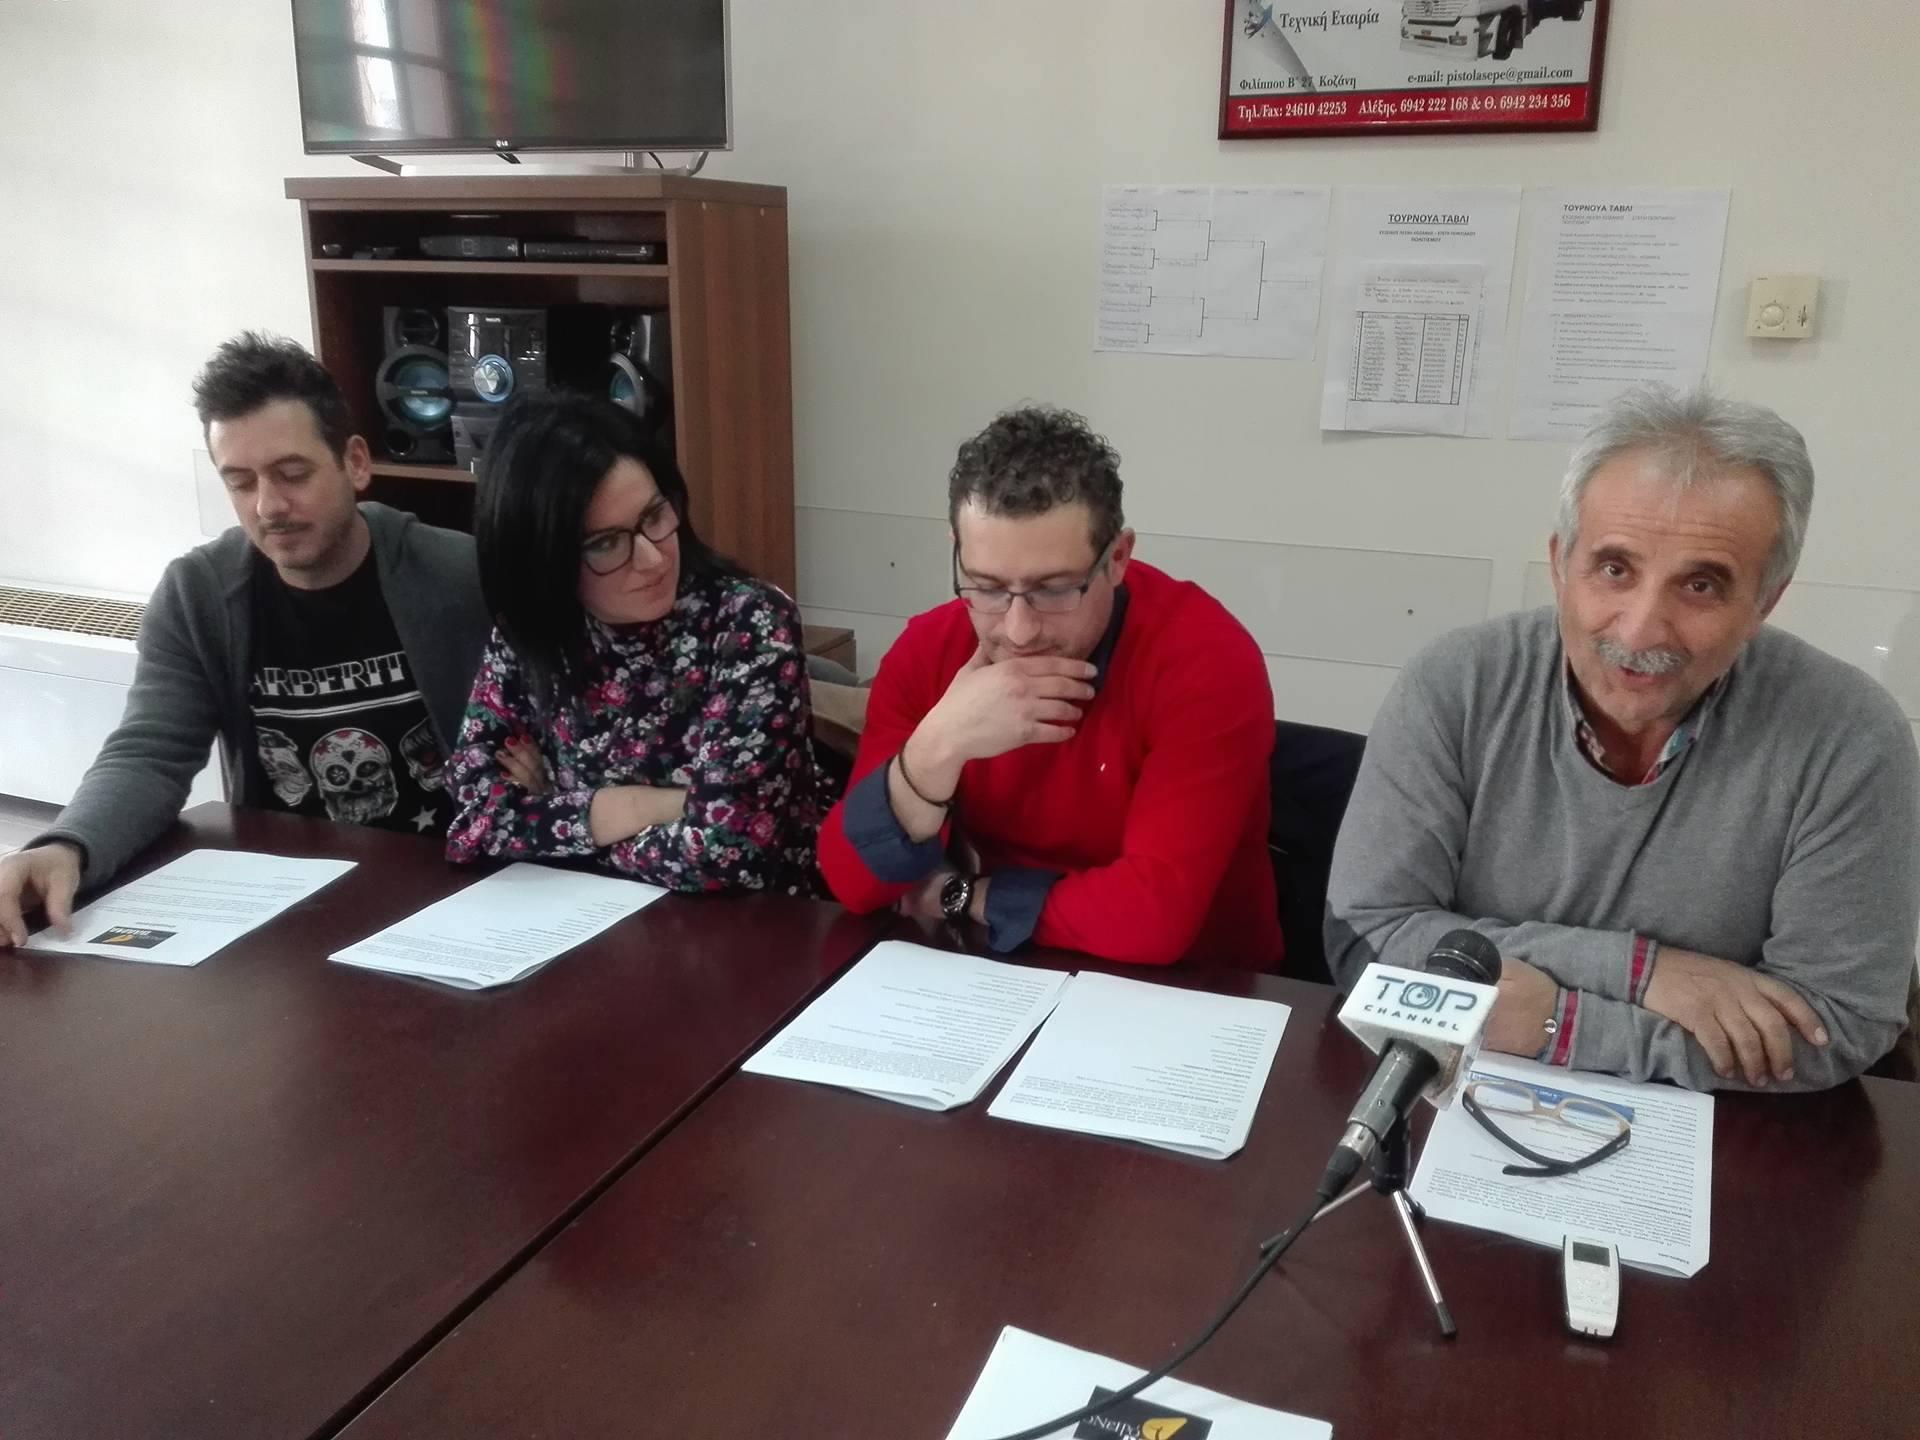 Κοζάνη: Σε εντατικούς ρυθμούς, συνεχίζονται οι πρόβες από τη θεατρική ομάδα ΟνειρόDrama με το έργο «η Γέρμα», 1, 2 και 3 Δεκεμβρίου 2017, στη Στέγη Ποντιακού Πολιτισμού